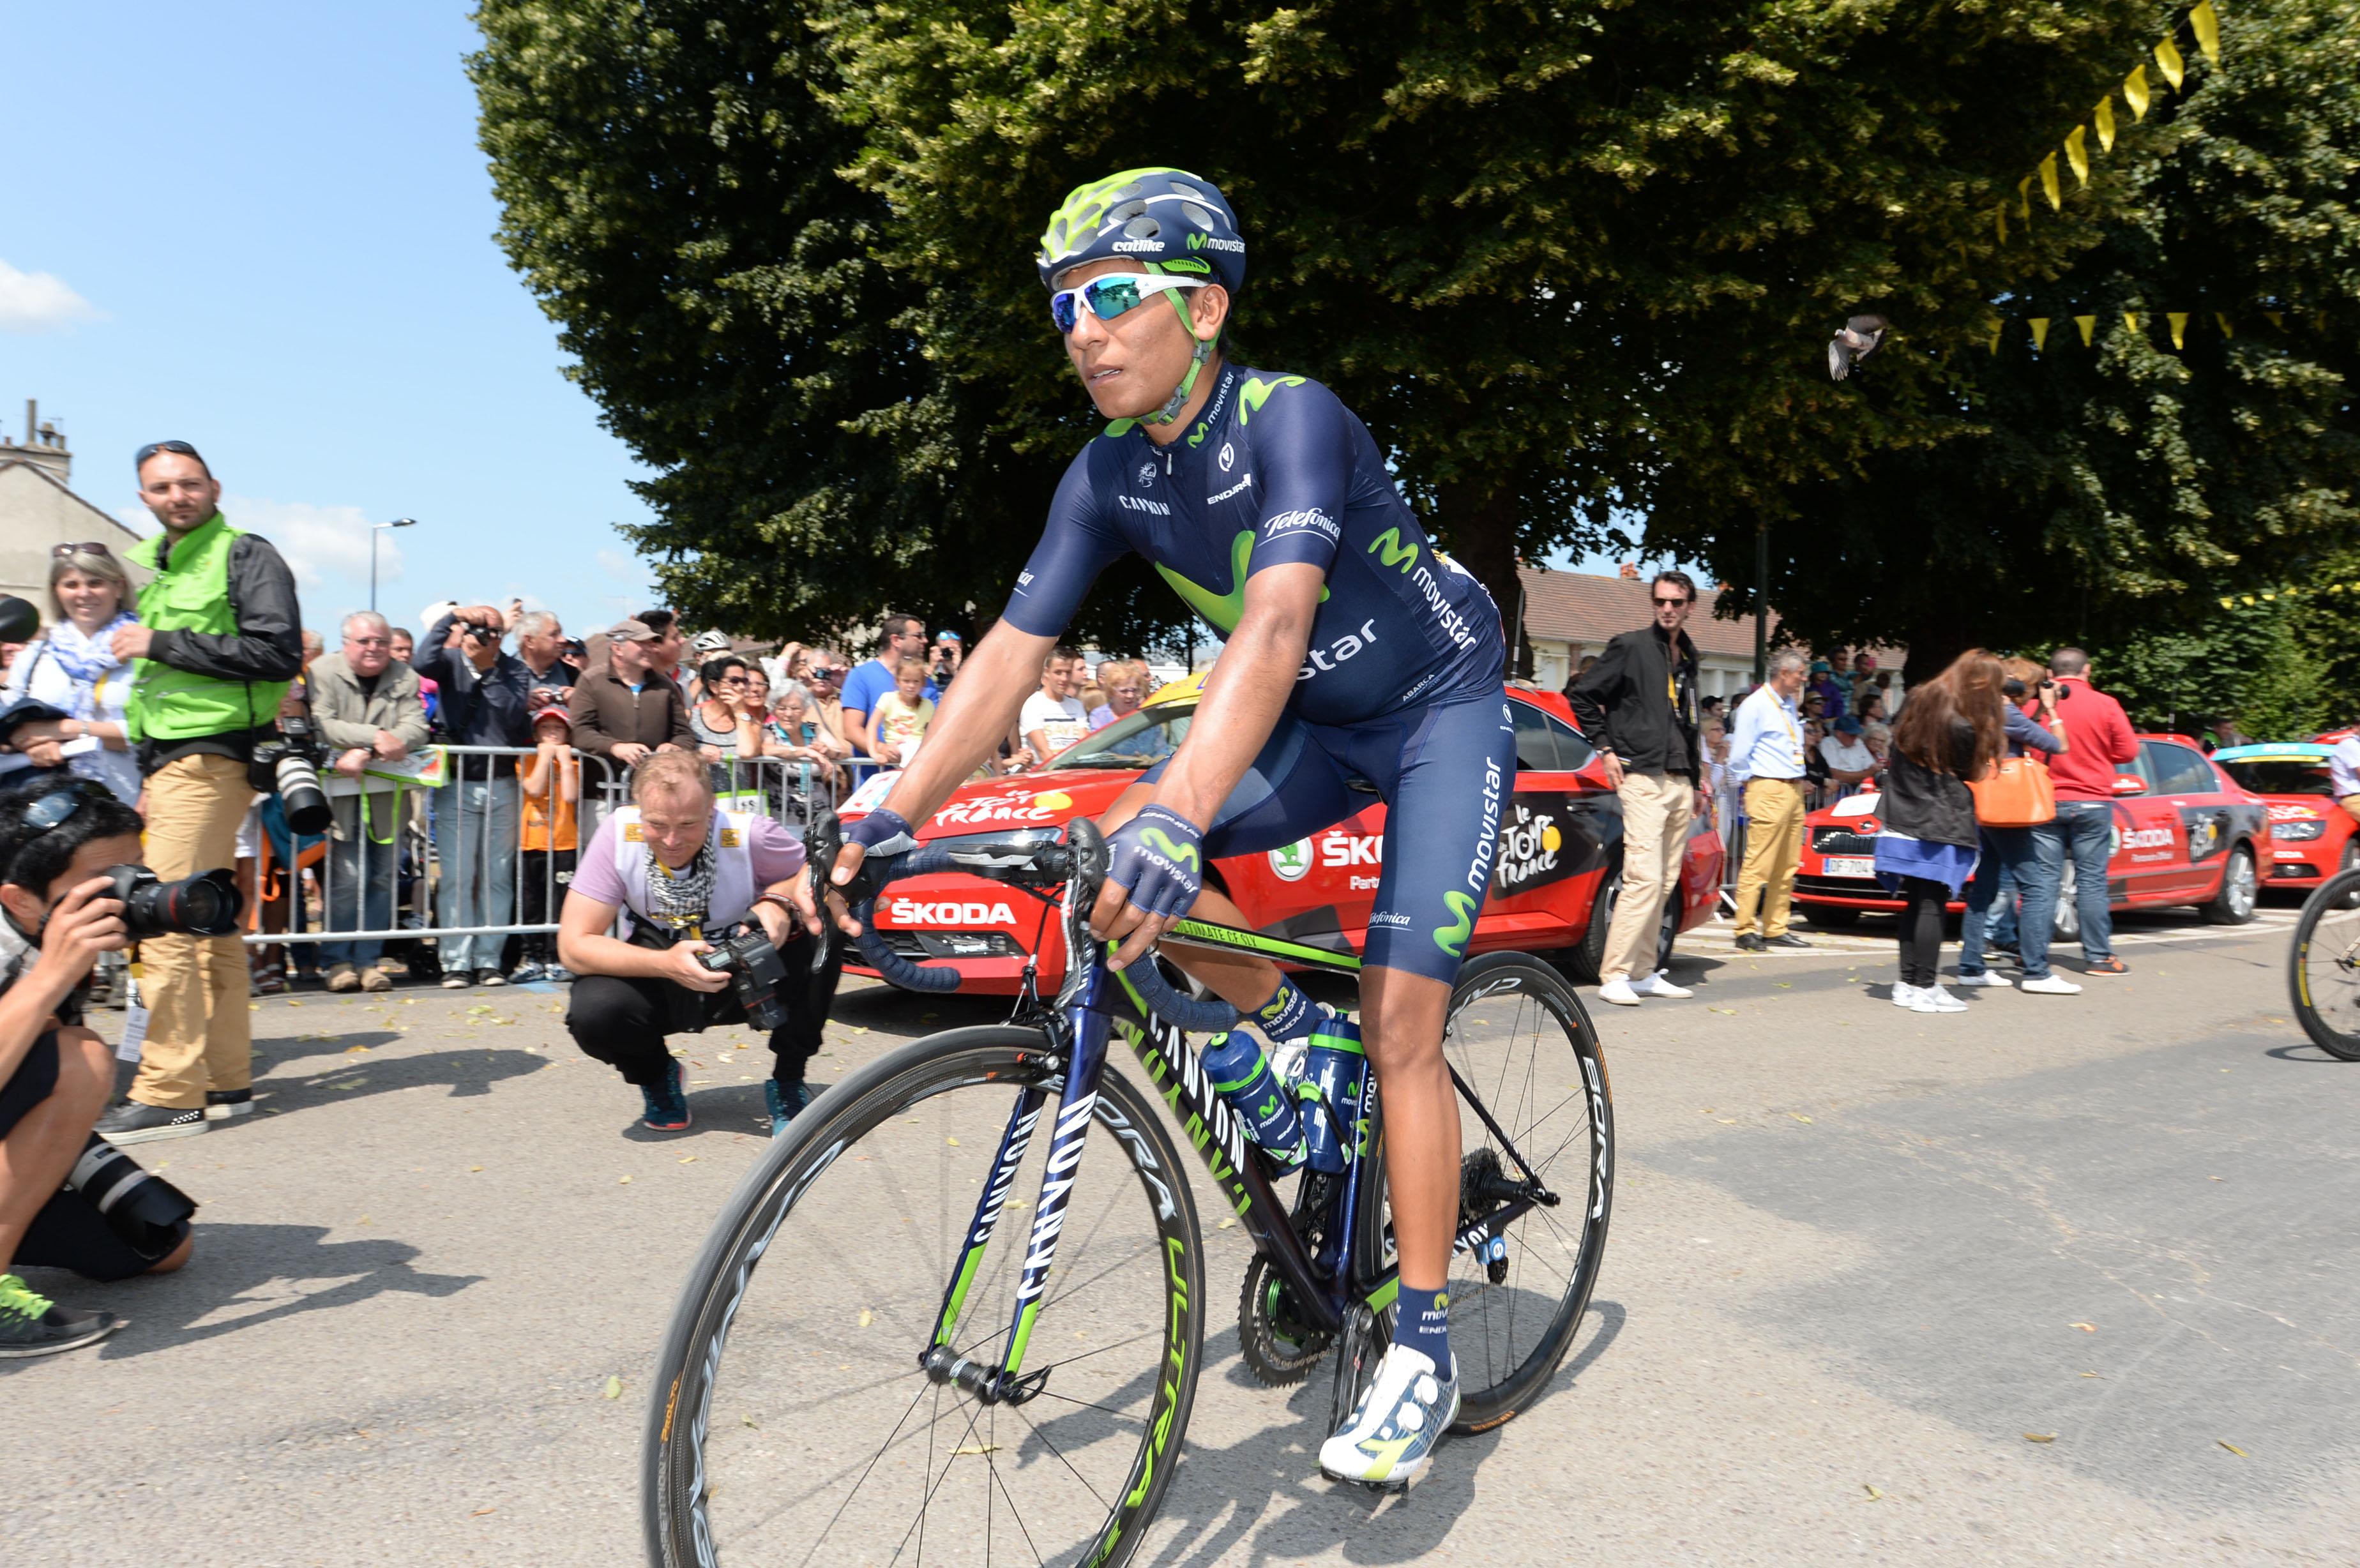 Tour de France 2015 - 6. Etappe - Nairo Quintana